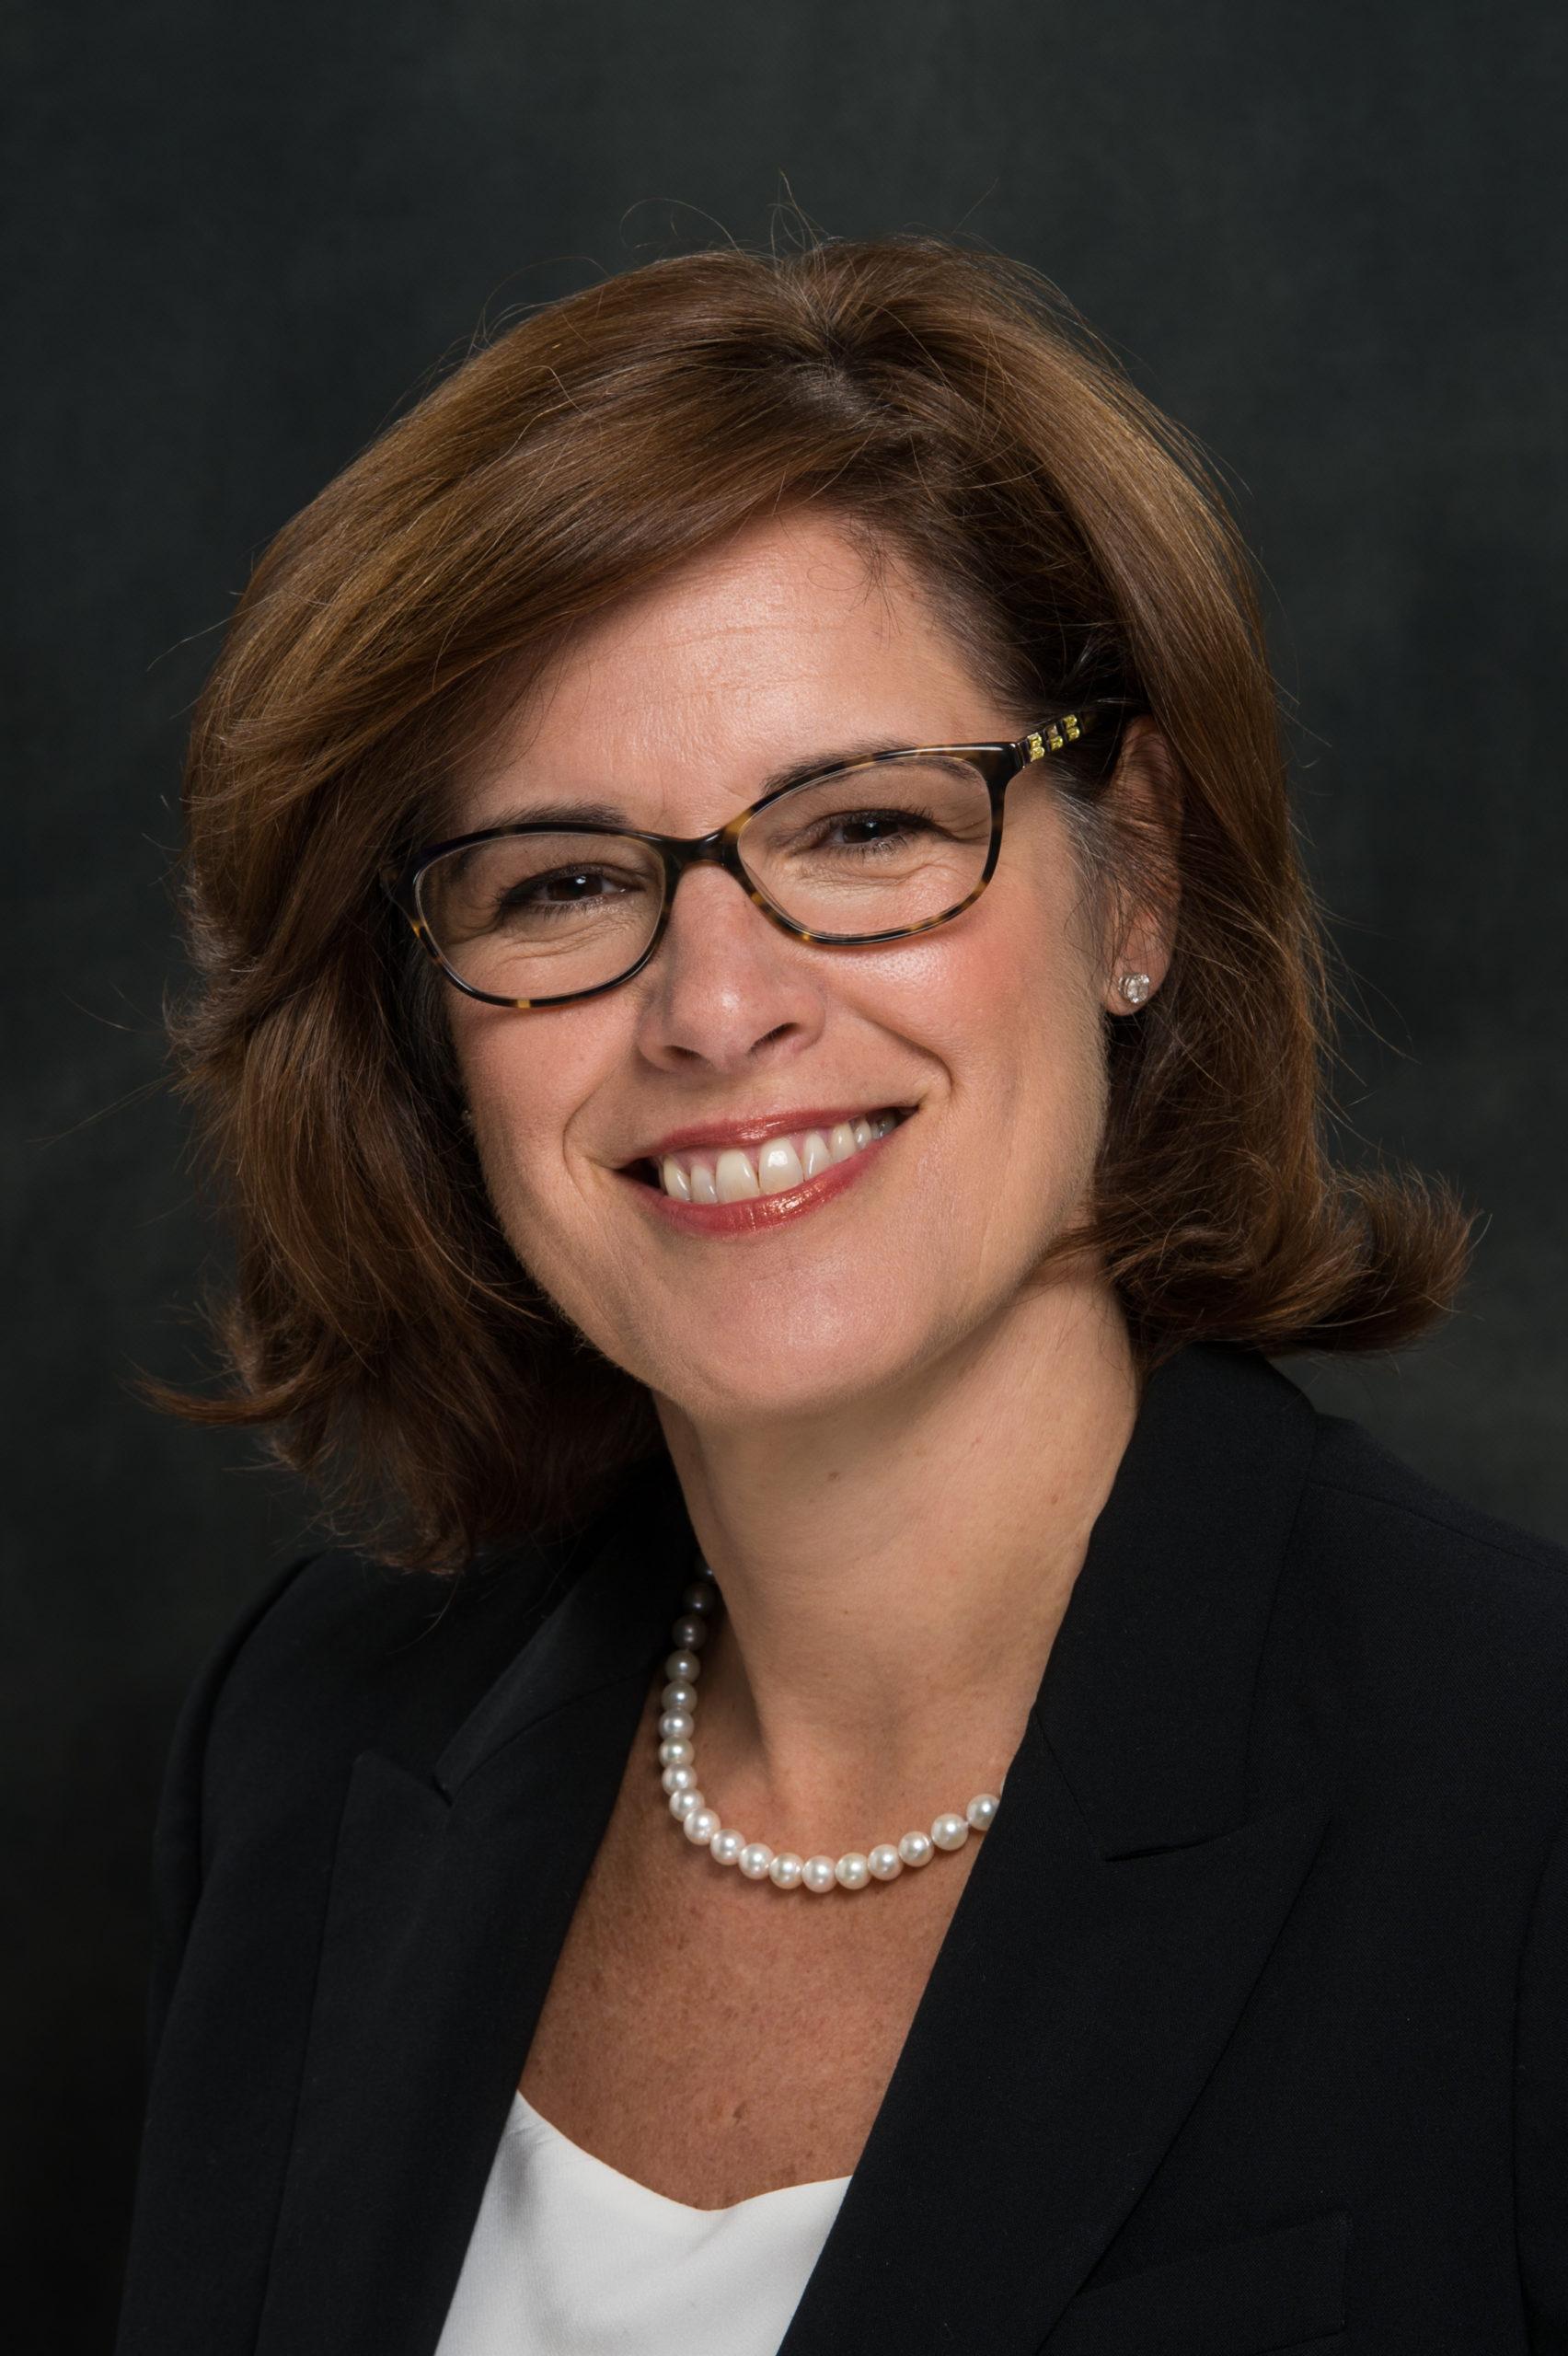 Christina Cassotis CEO